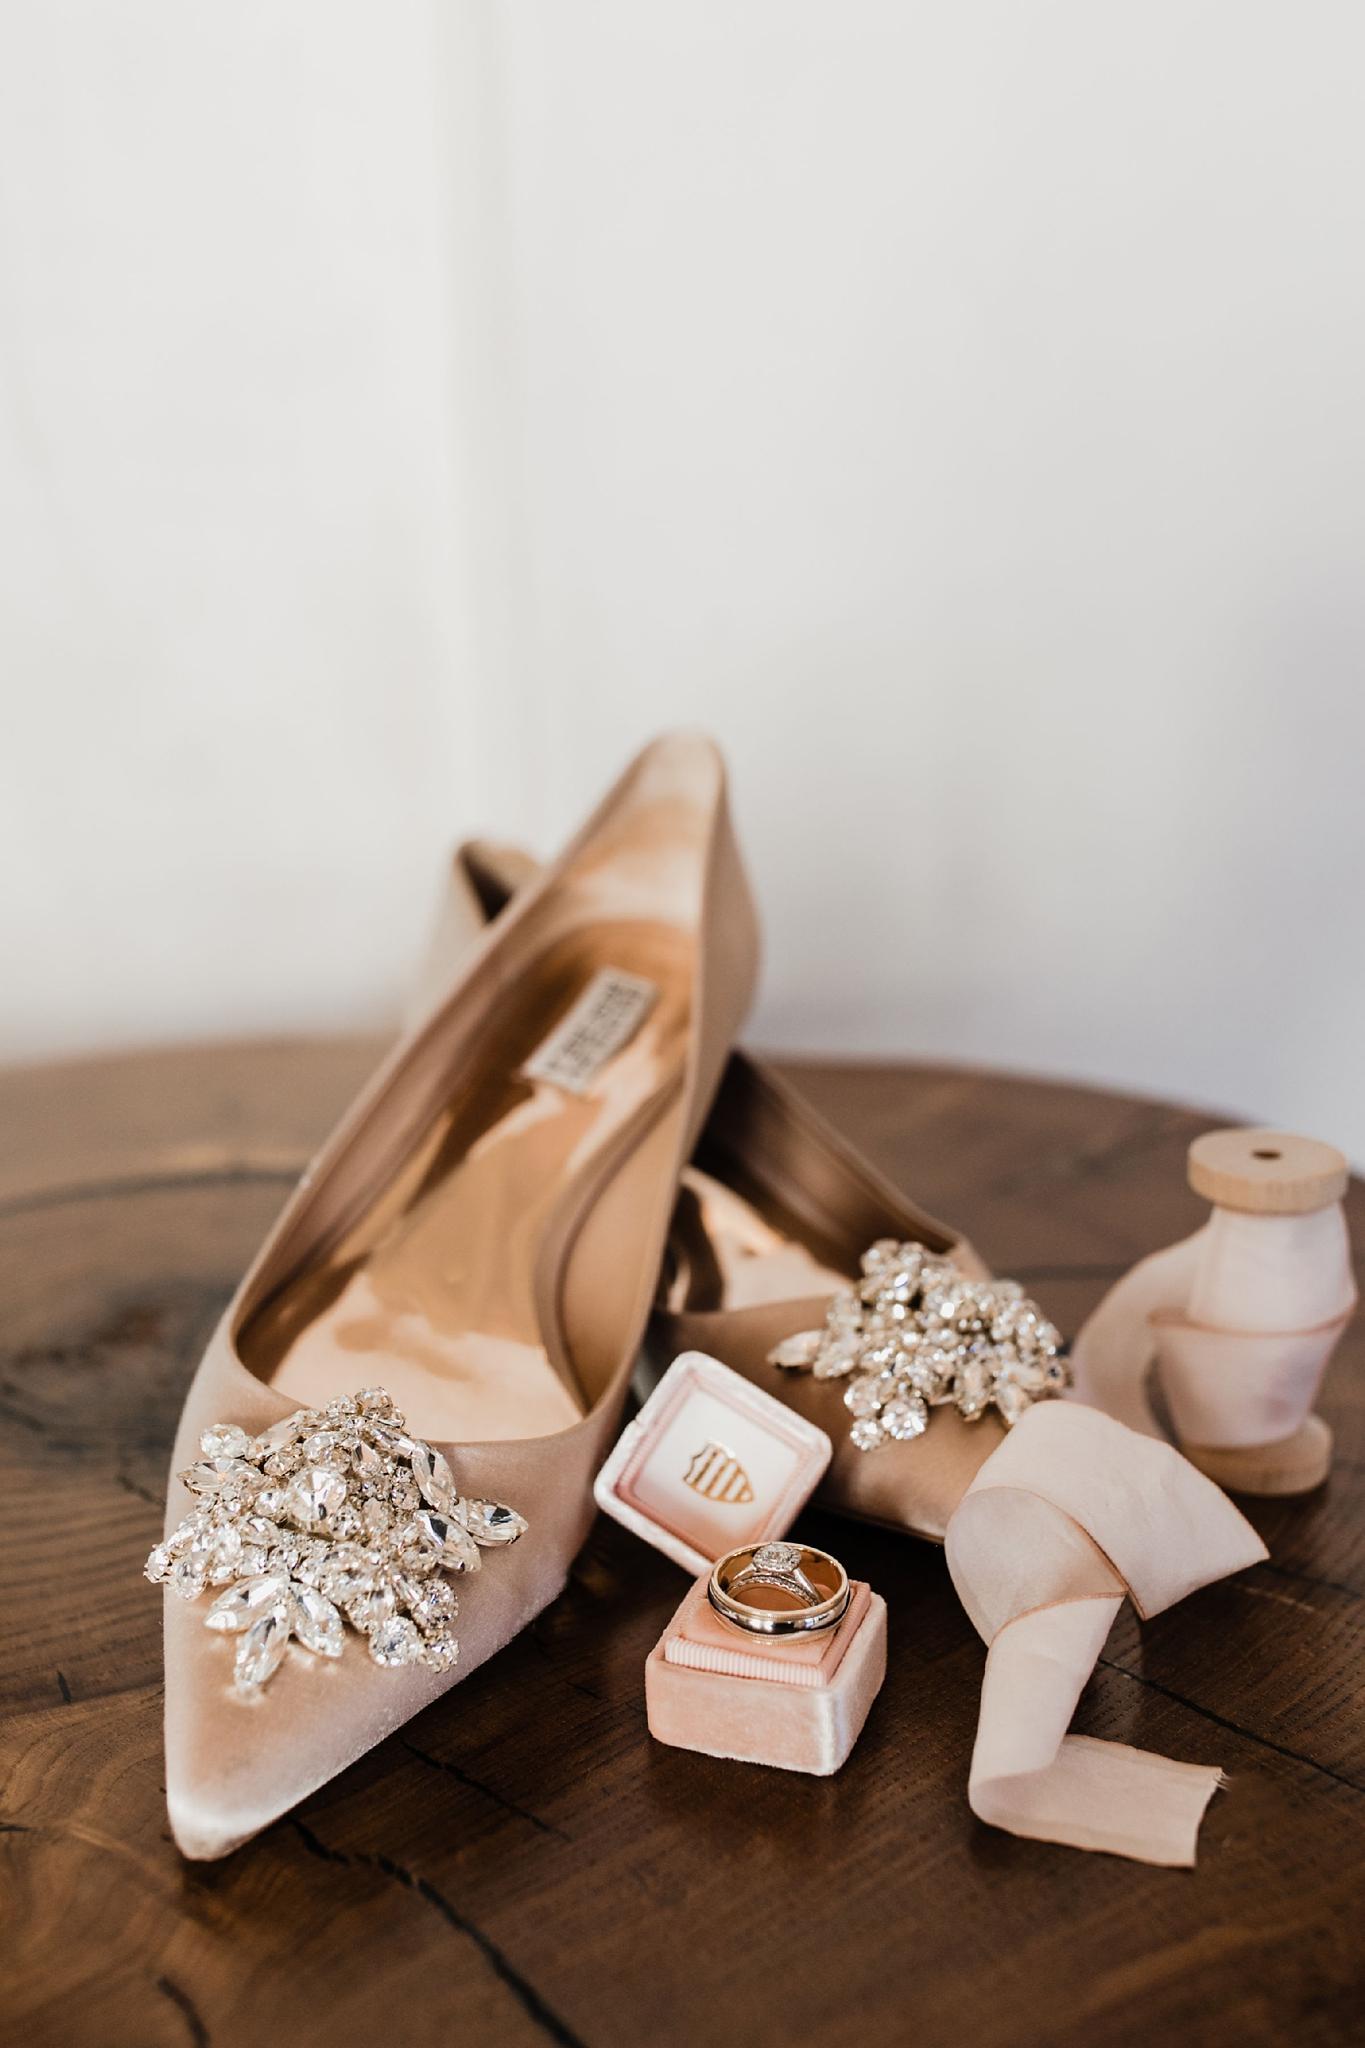 Alicia+lucia+photography+-+albuquerque+wedding+photographer+-+santa+fe+wedding+photography+-+new+mexico+wedding+photographer+-+new+mexico+wedding+-+santa+fe+wedding+-+four+seasons+wedding+-+winter+wedding_0004.jpg